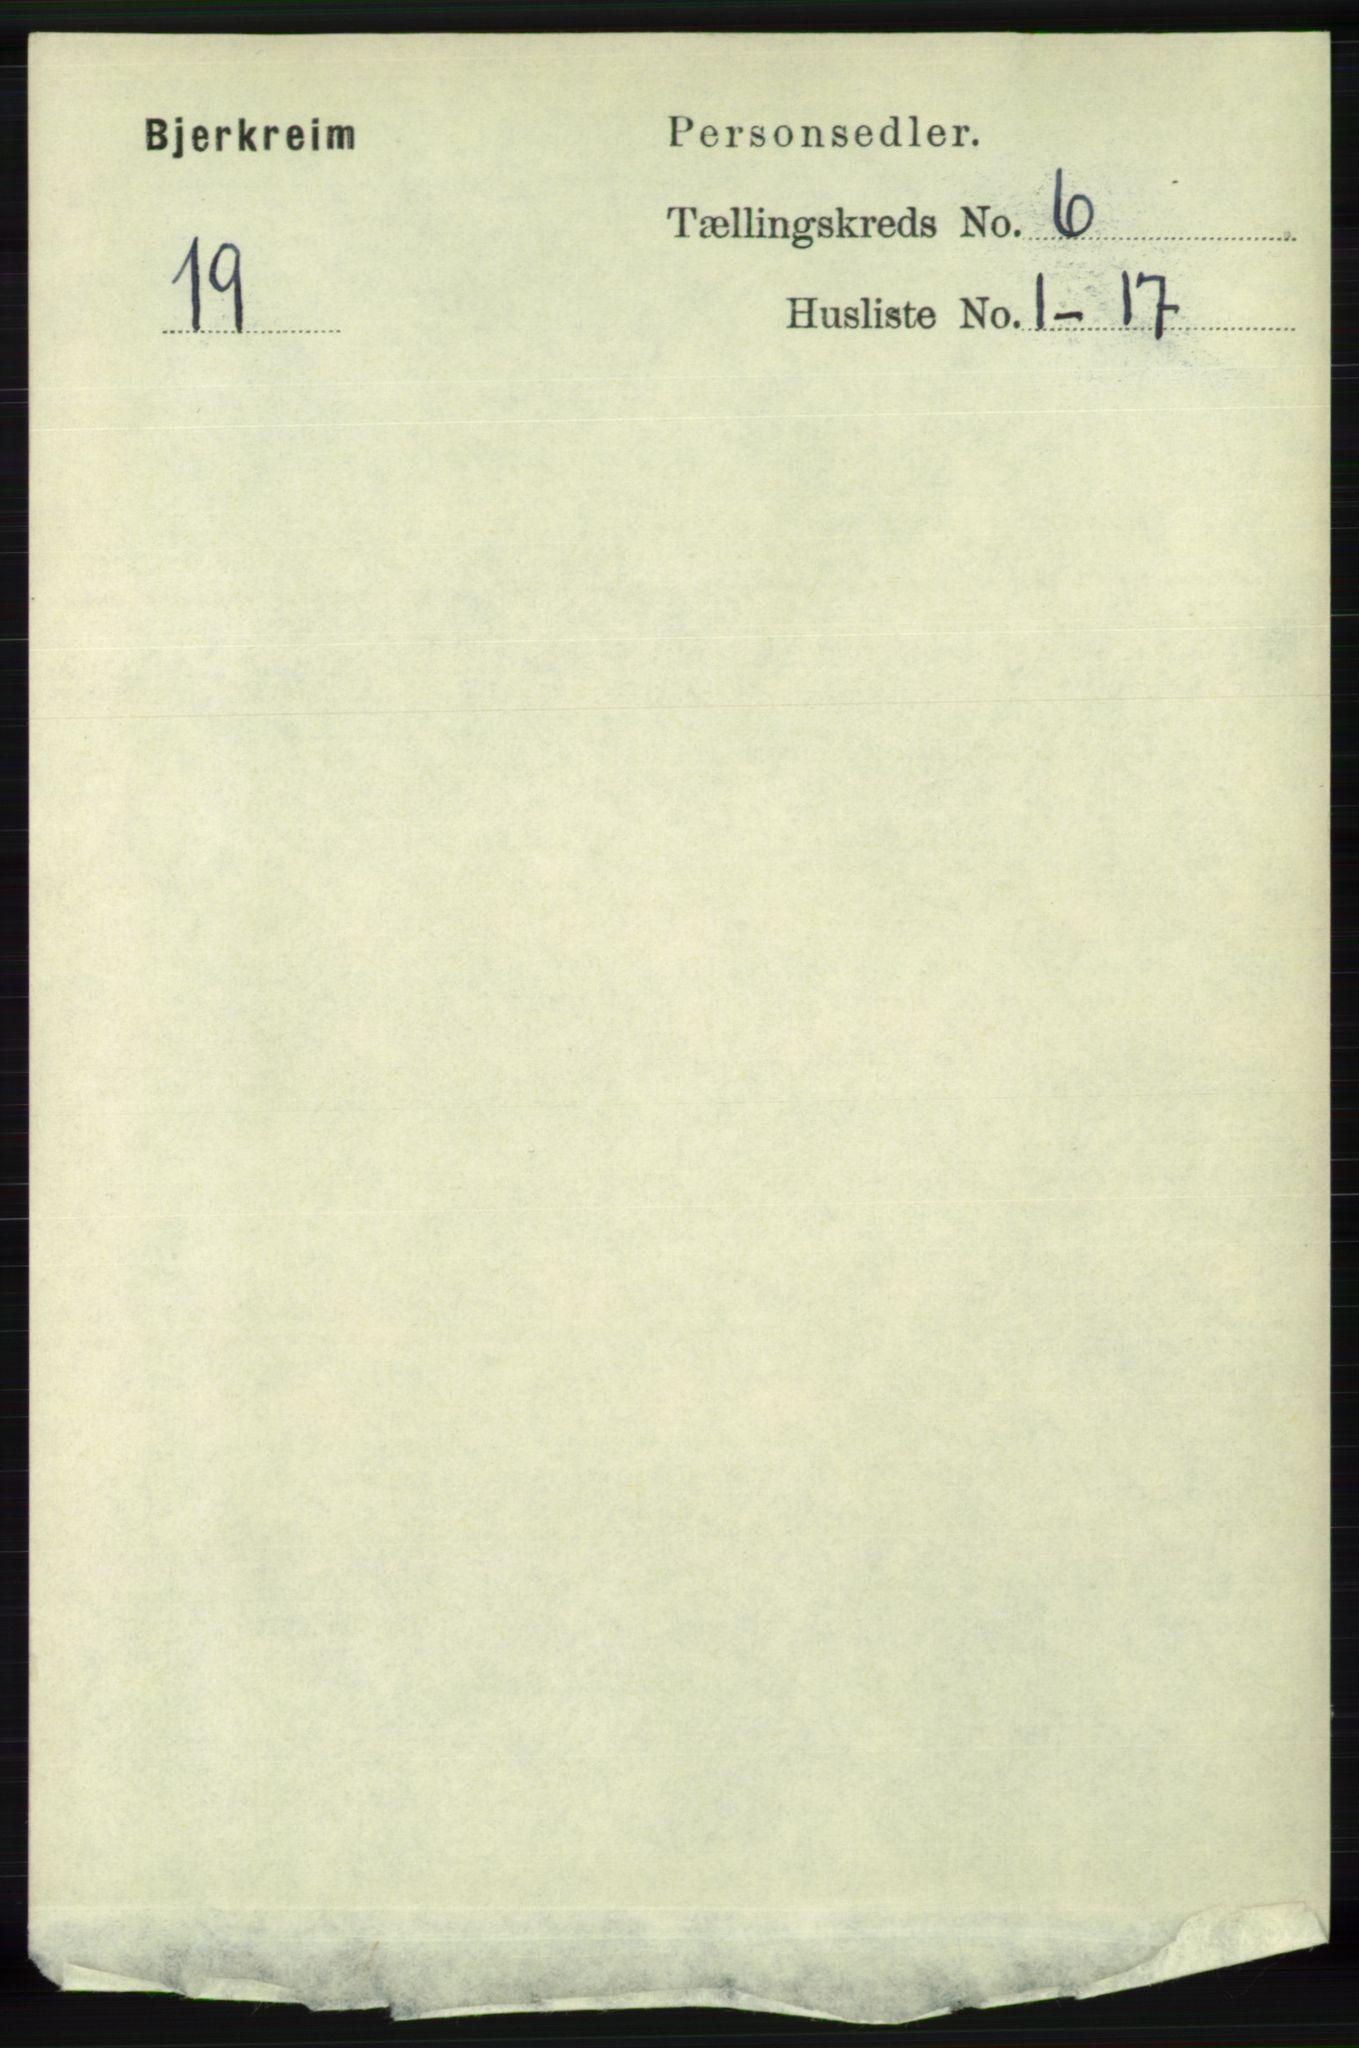 RA, Folketelling 1891 for 1114 Bjerkreim herred, 1891, s. 2053